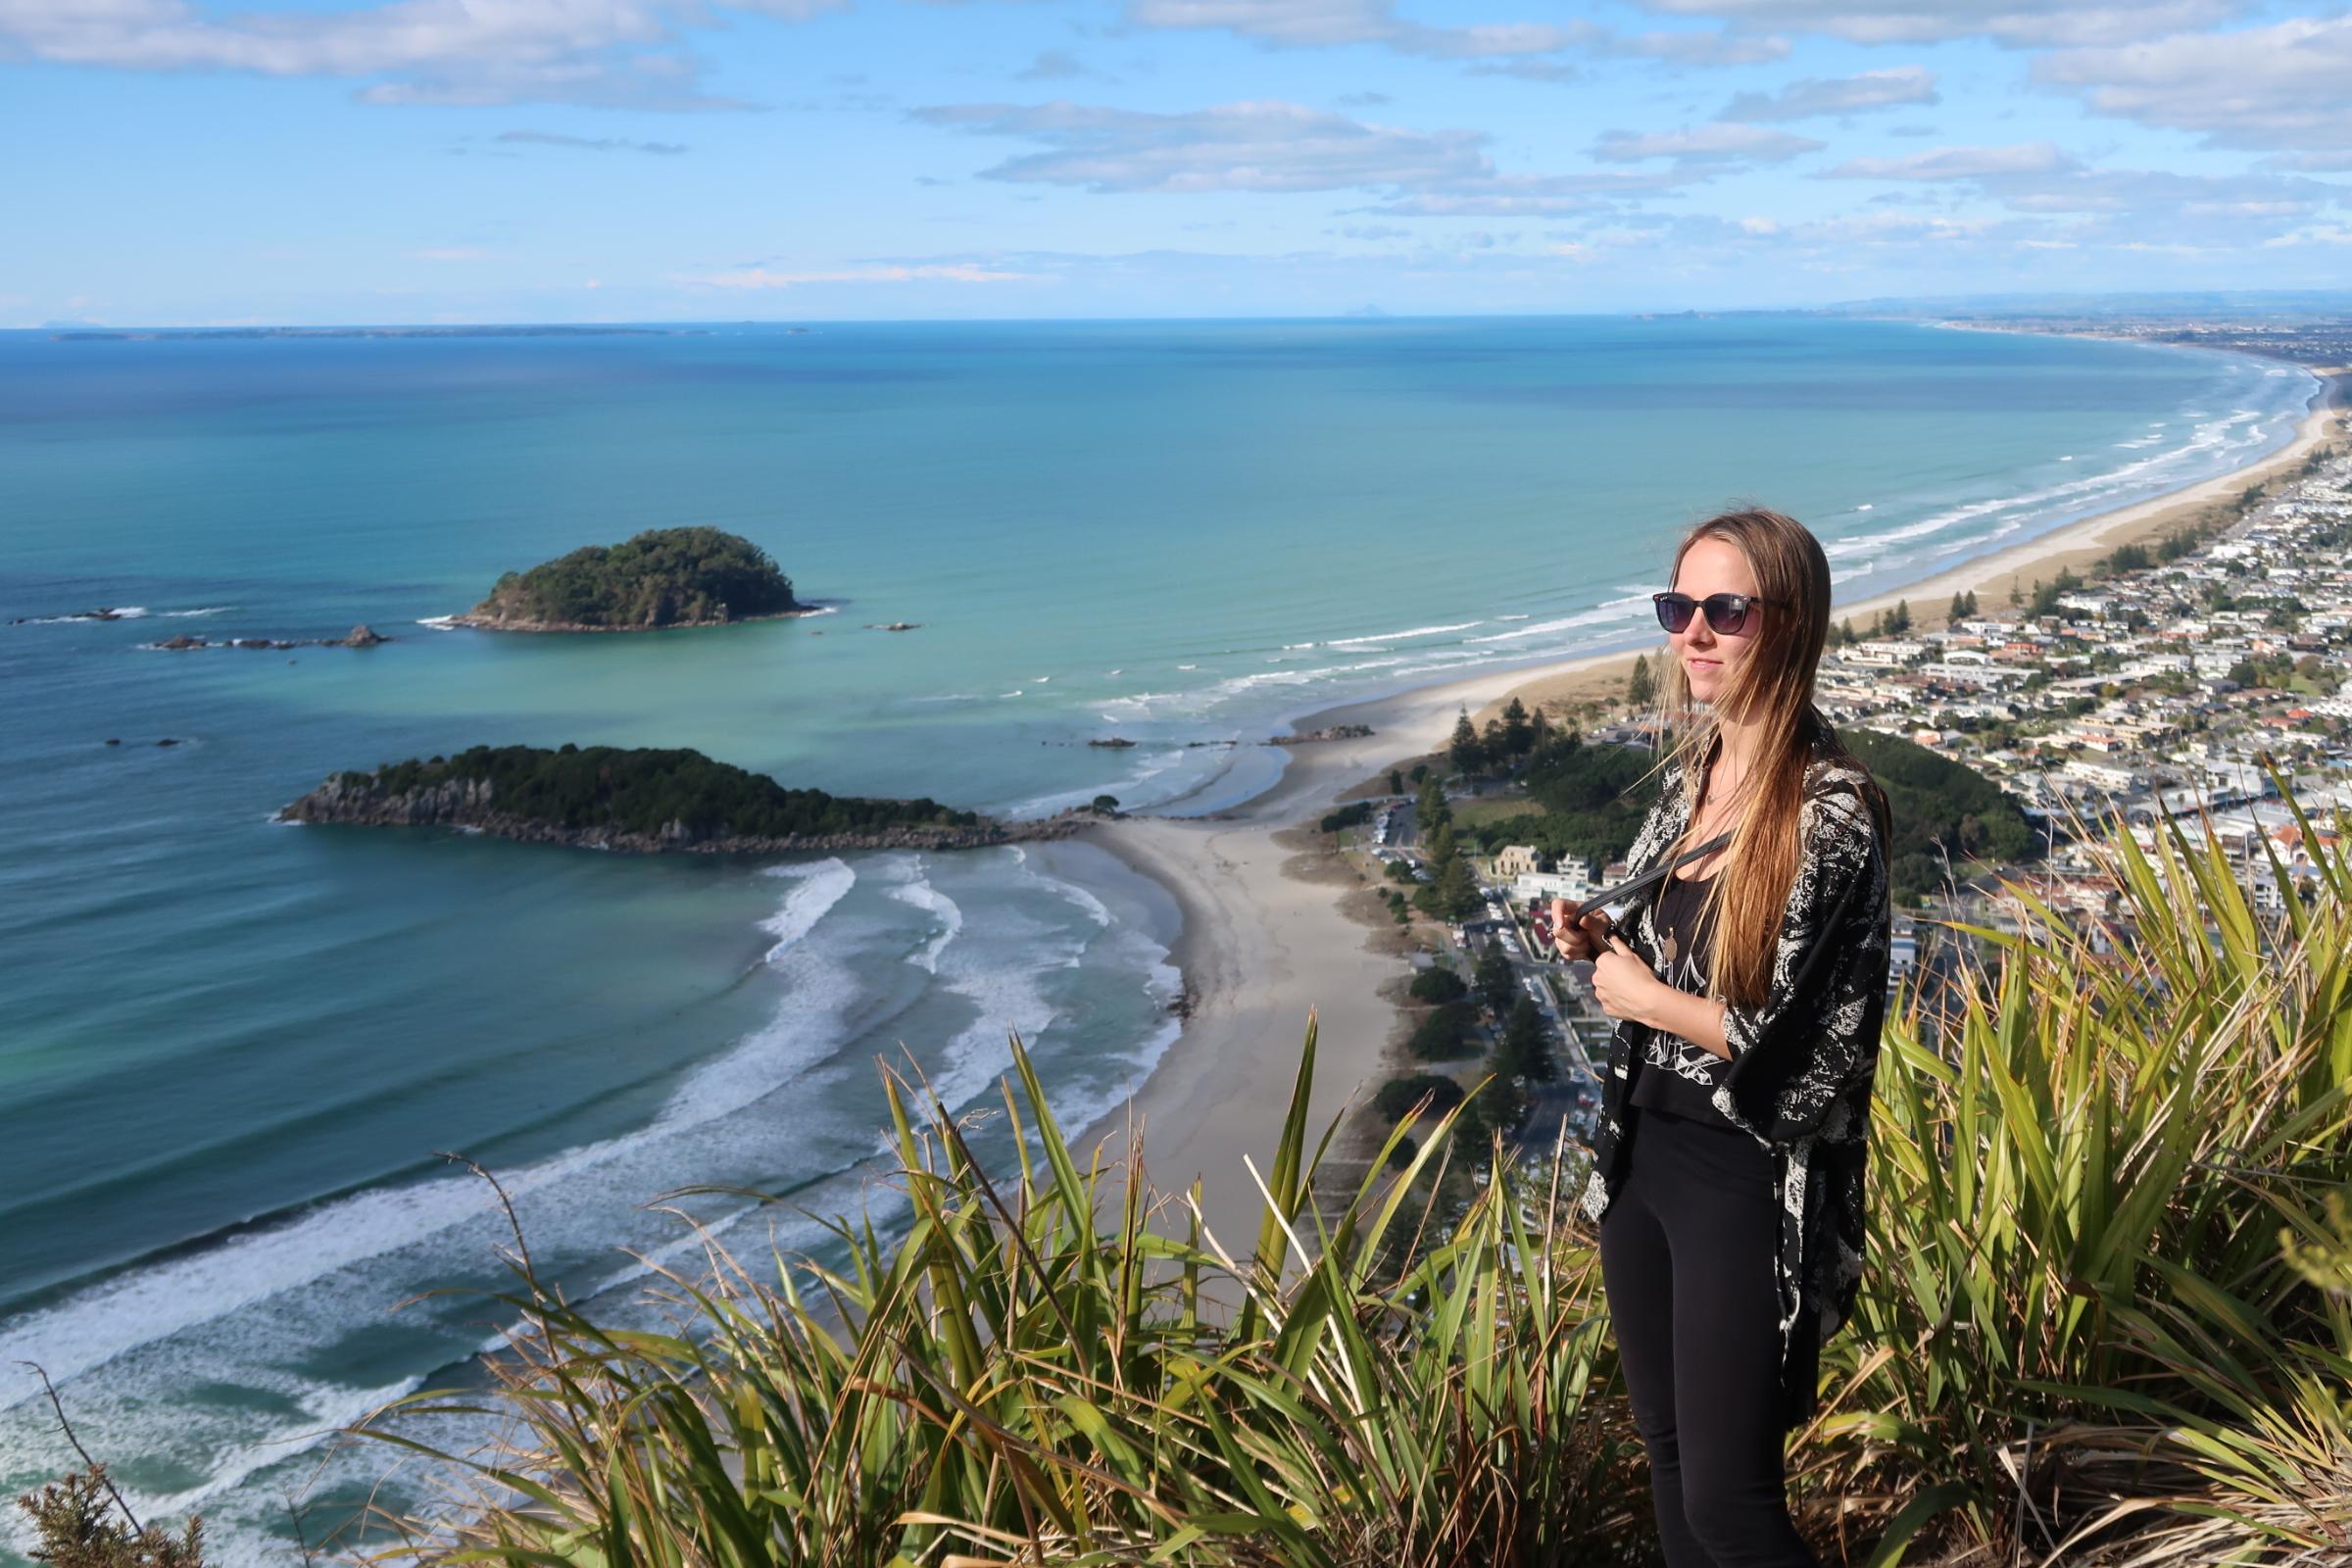 Uusi-Seelanti: Edessä varovainen paluu arkeen